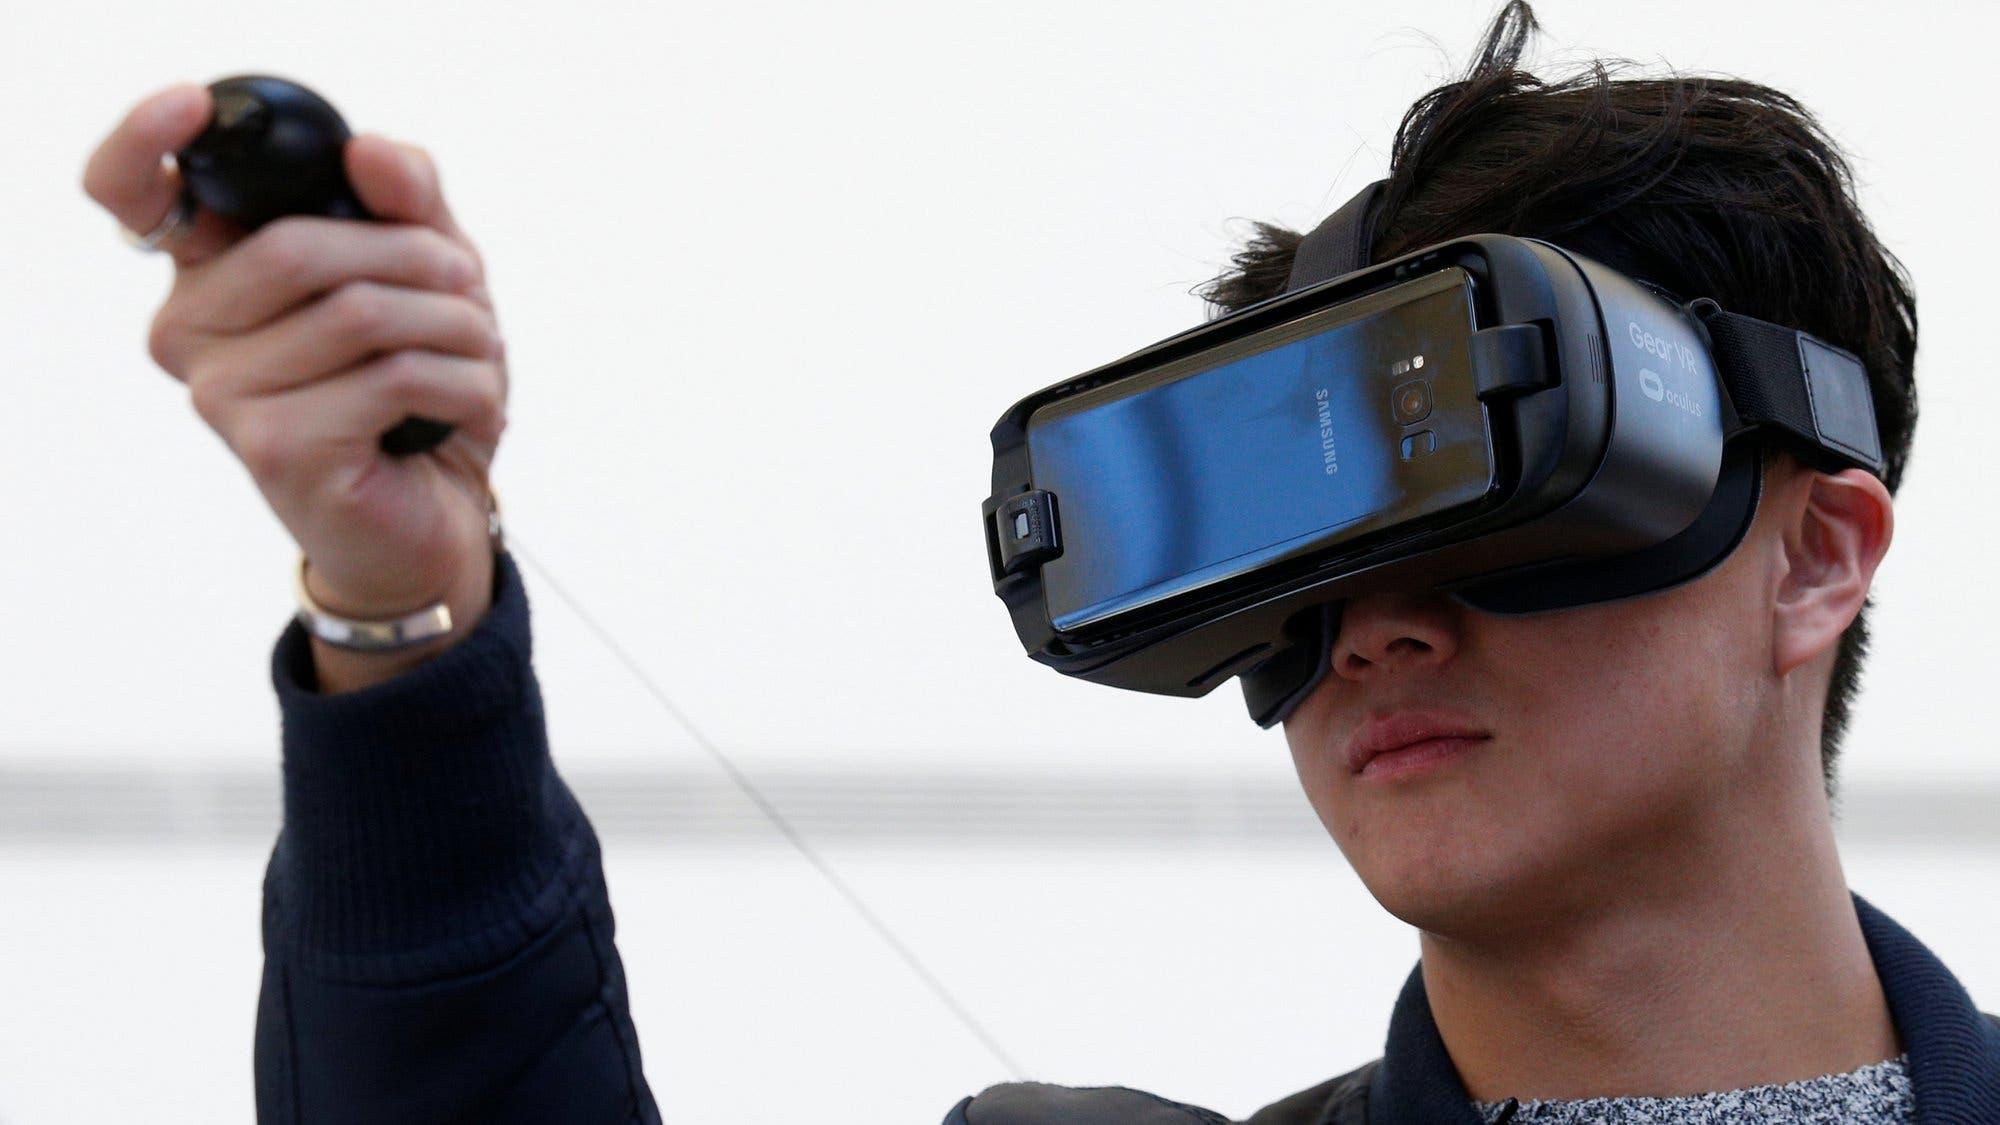 Cinco aplicaciones móviles para sacar provecho a los lentes de realidad virtual